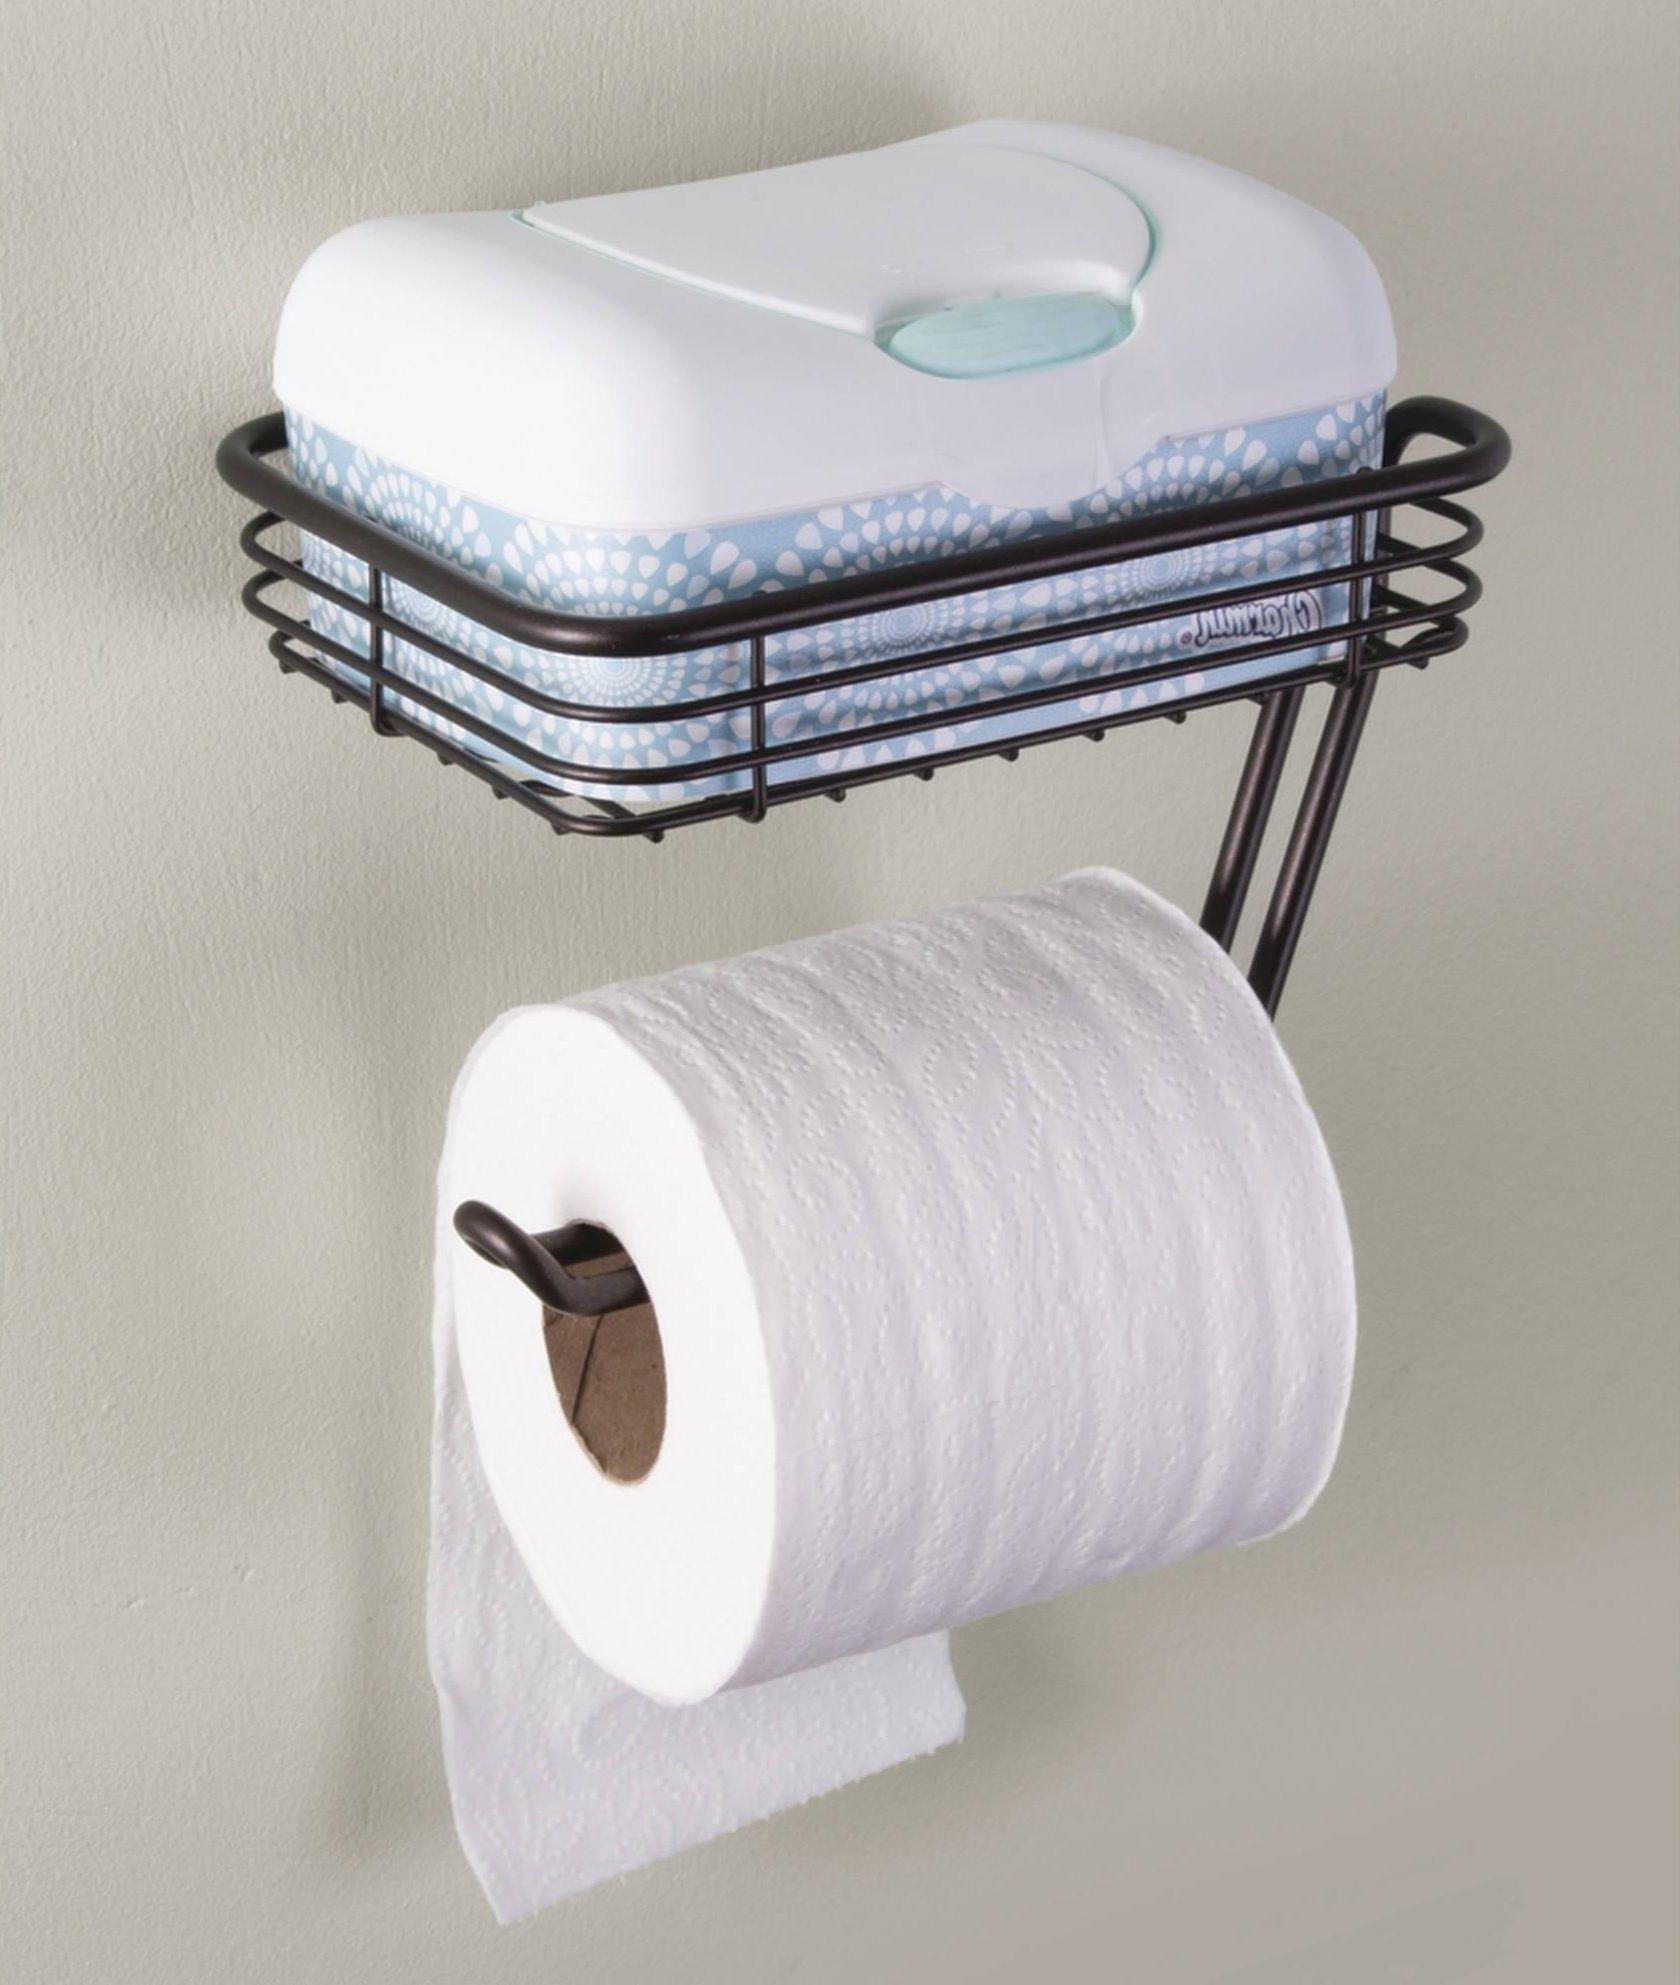 40 Best Simple Diy Toilet Paper Holders Designs And Ideas Diy Toilet Paper Holder Bathroom Cabinets Diy Bathroom Decor